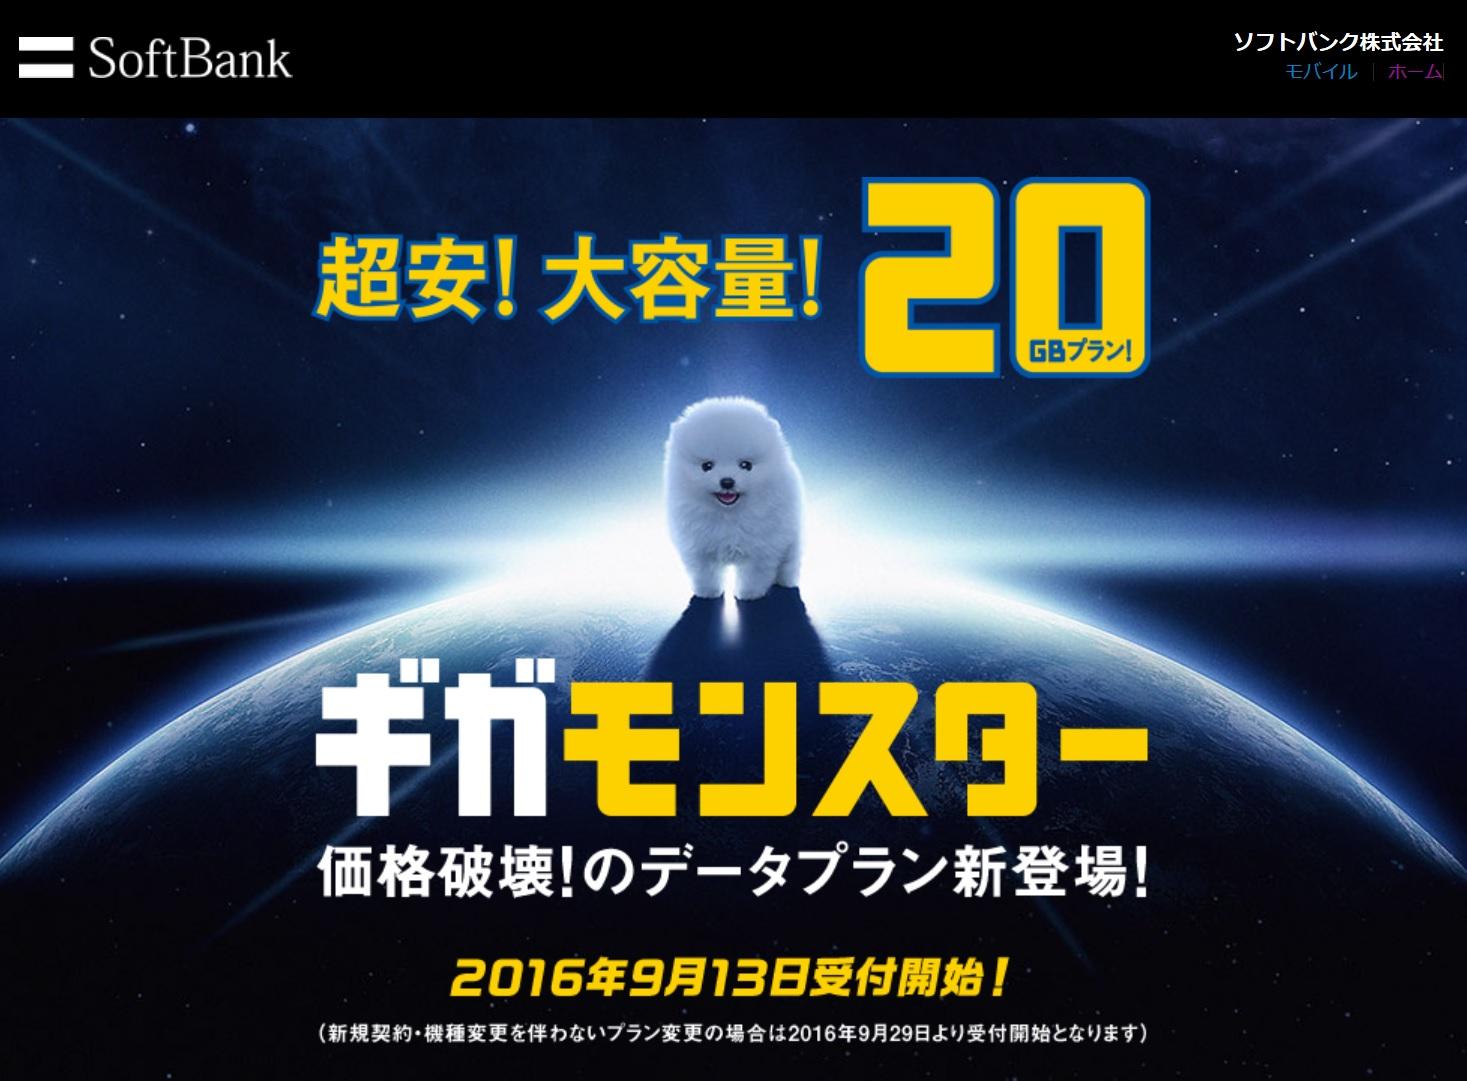 【ソフトバンク】20GBが月額6,000円で利用できる!ギガモンスターの提供を開始!「Massive MIMO」提供で通信設備を増強